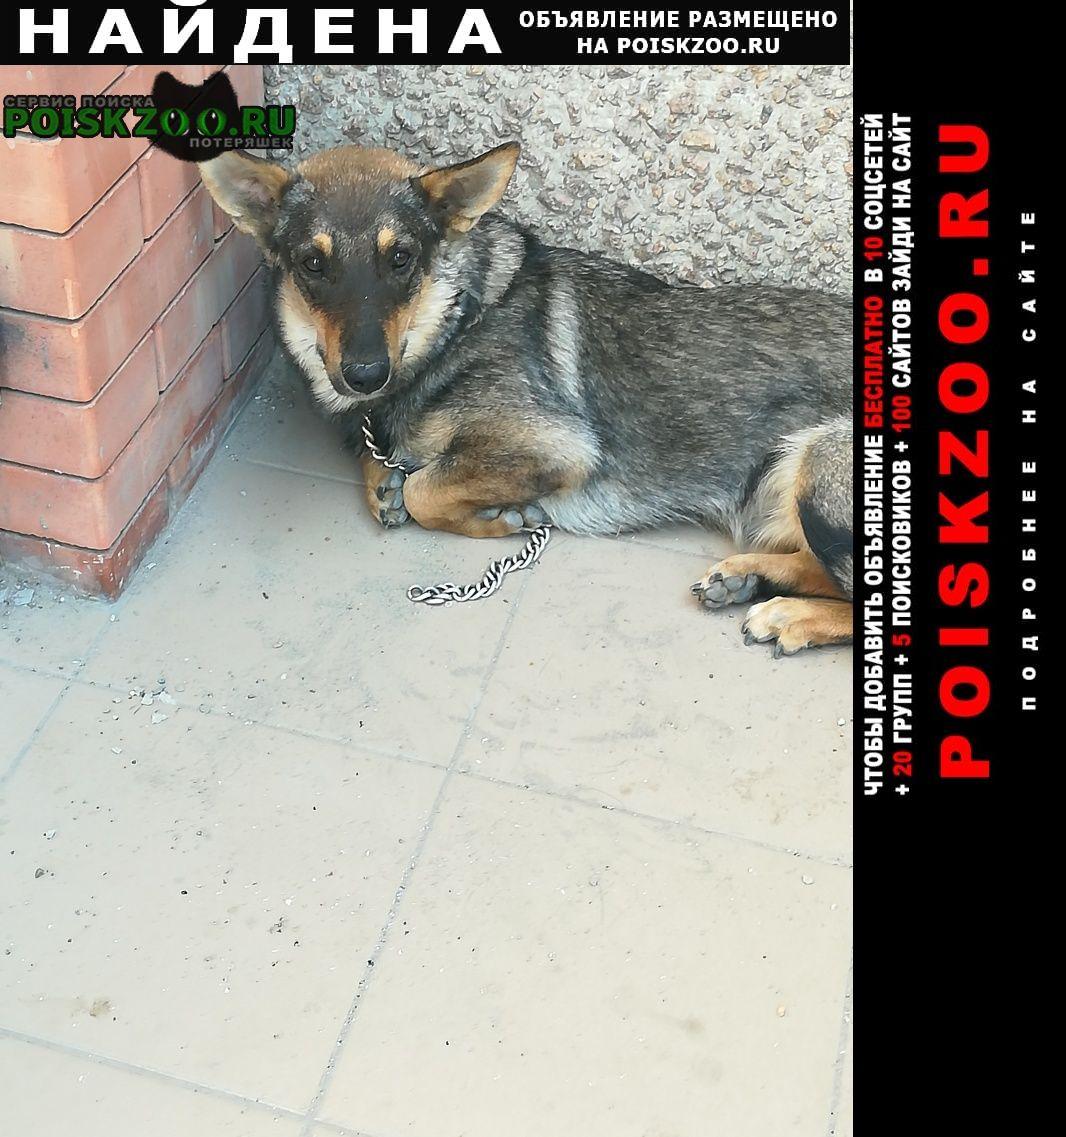 Найдена собака собачка с оборванной цепью Ростов-на-Дону